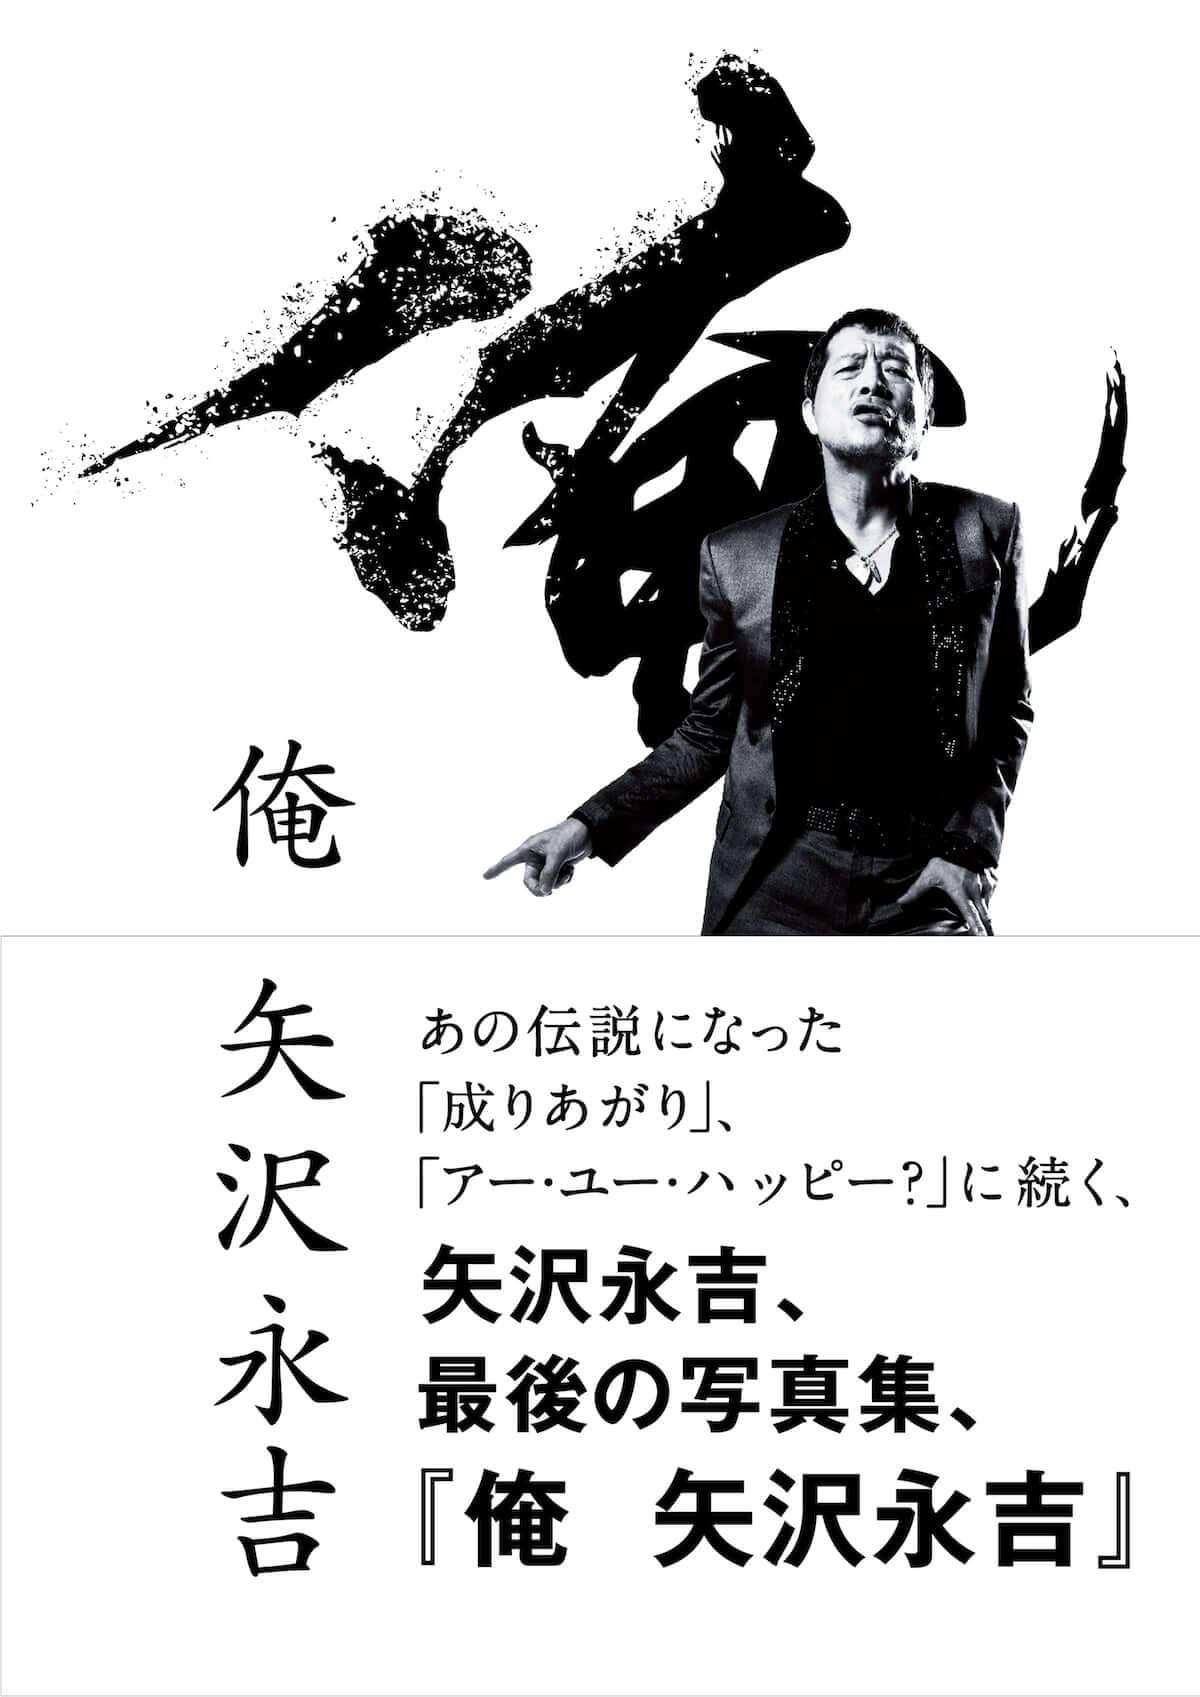 矢沢永吉、最後の写真集『俺 矢沢永吉』が4月に発売決定 art-culture190226-yazawa-1-1200x1697